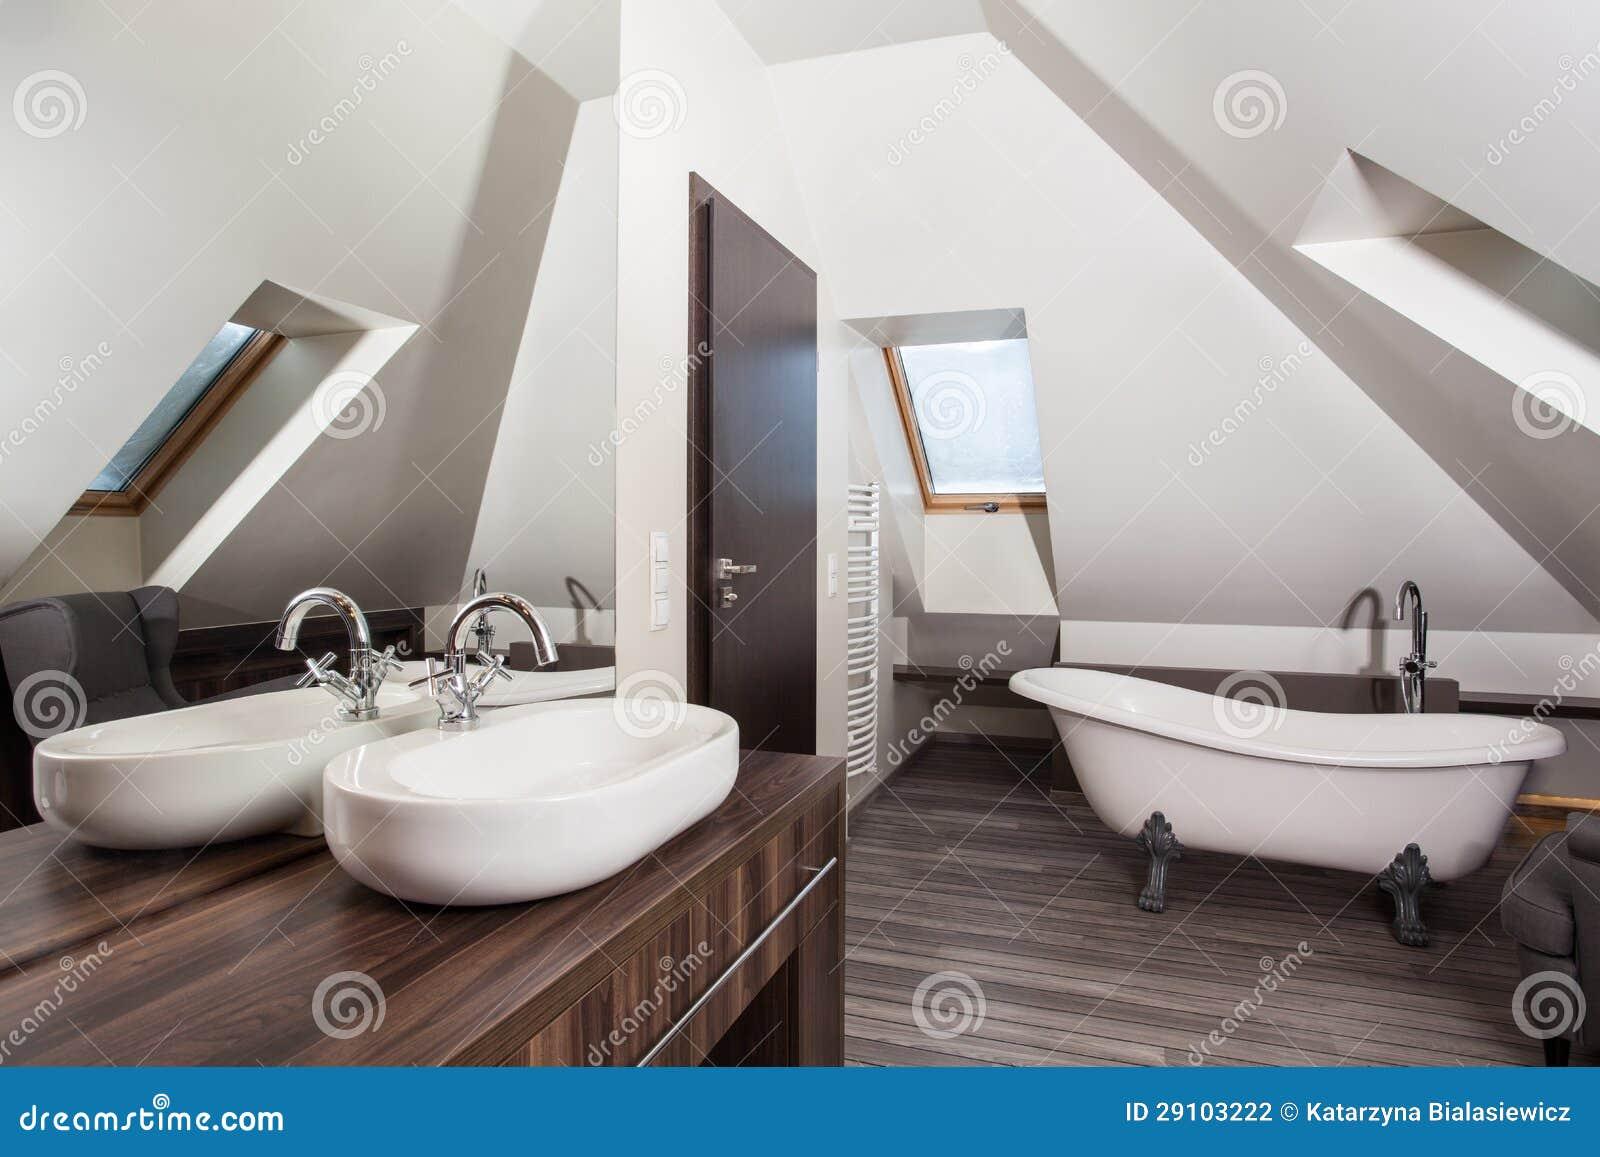 Landhaus badezimmer stockfoto bild von braun land 29103222 - Badezimmer landhaus ...